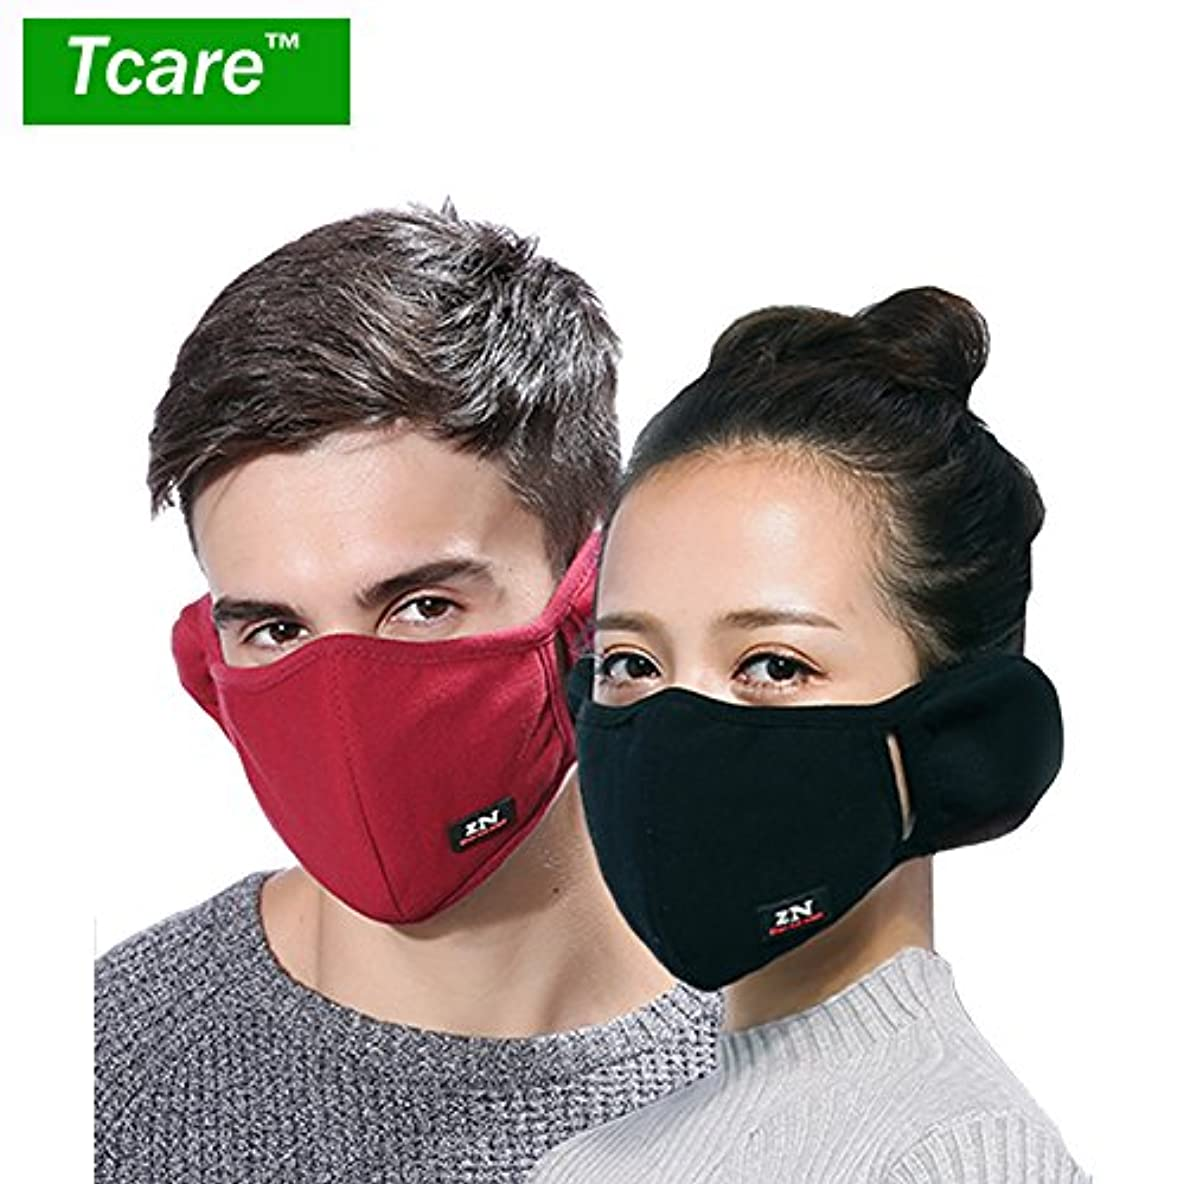 サイドボード驚より多い男性女性の少年少女のためのTcare呼吸器2レイヤピュアコットン保護フィルター挿入口:3ライト